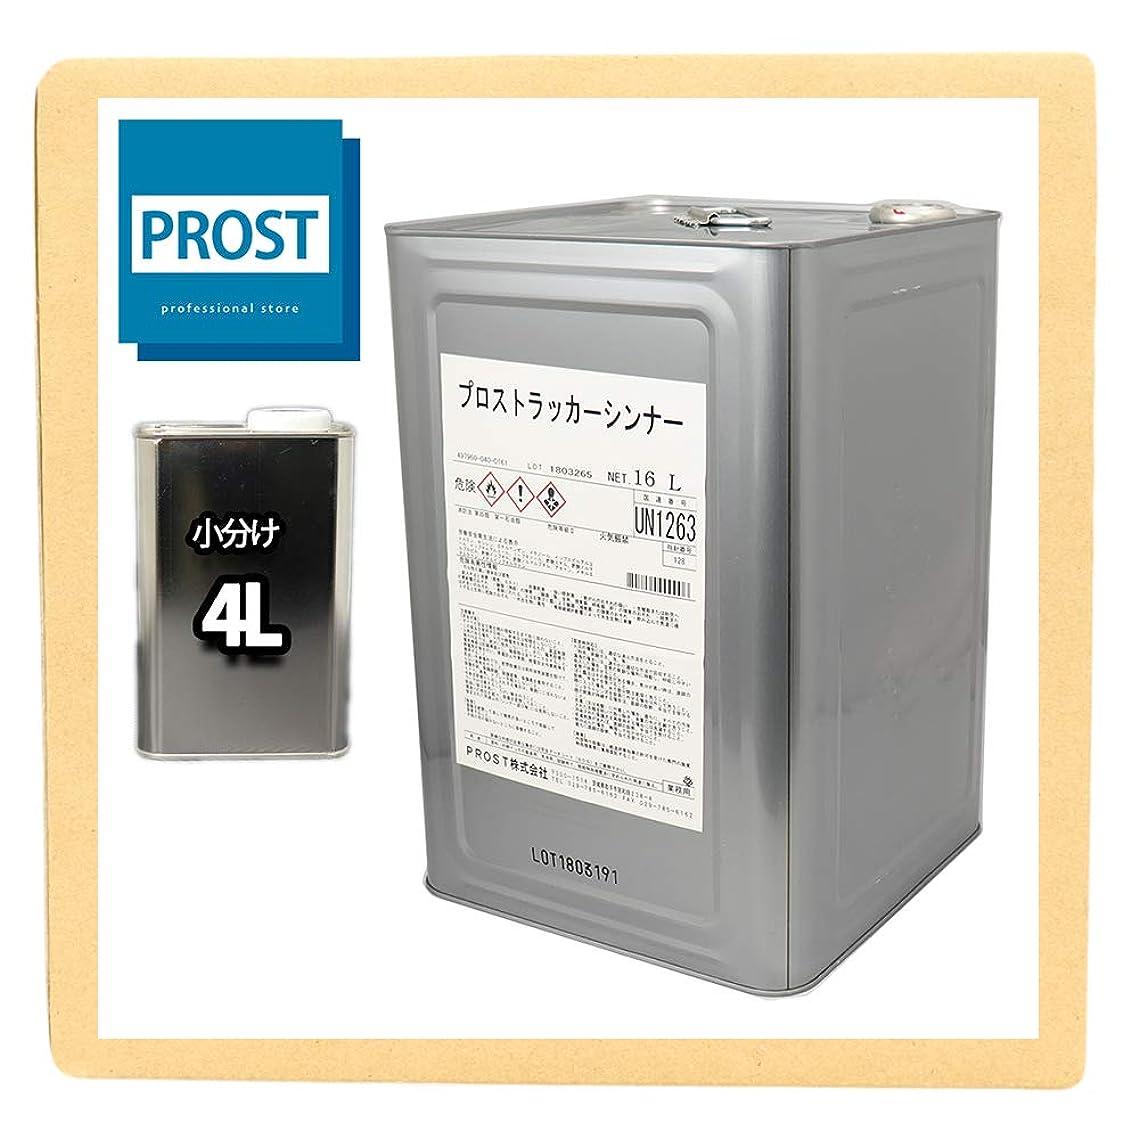 のやむを得ない消費者ラッカー シンナー 4L / うすめ液 洗浄用